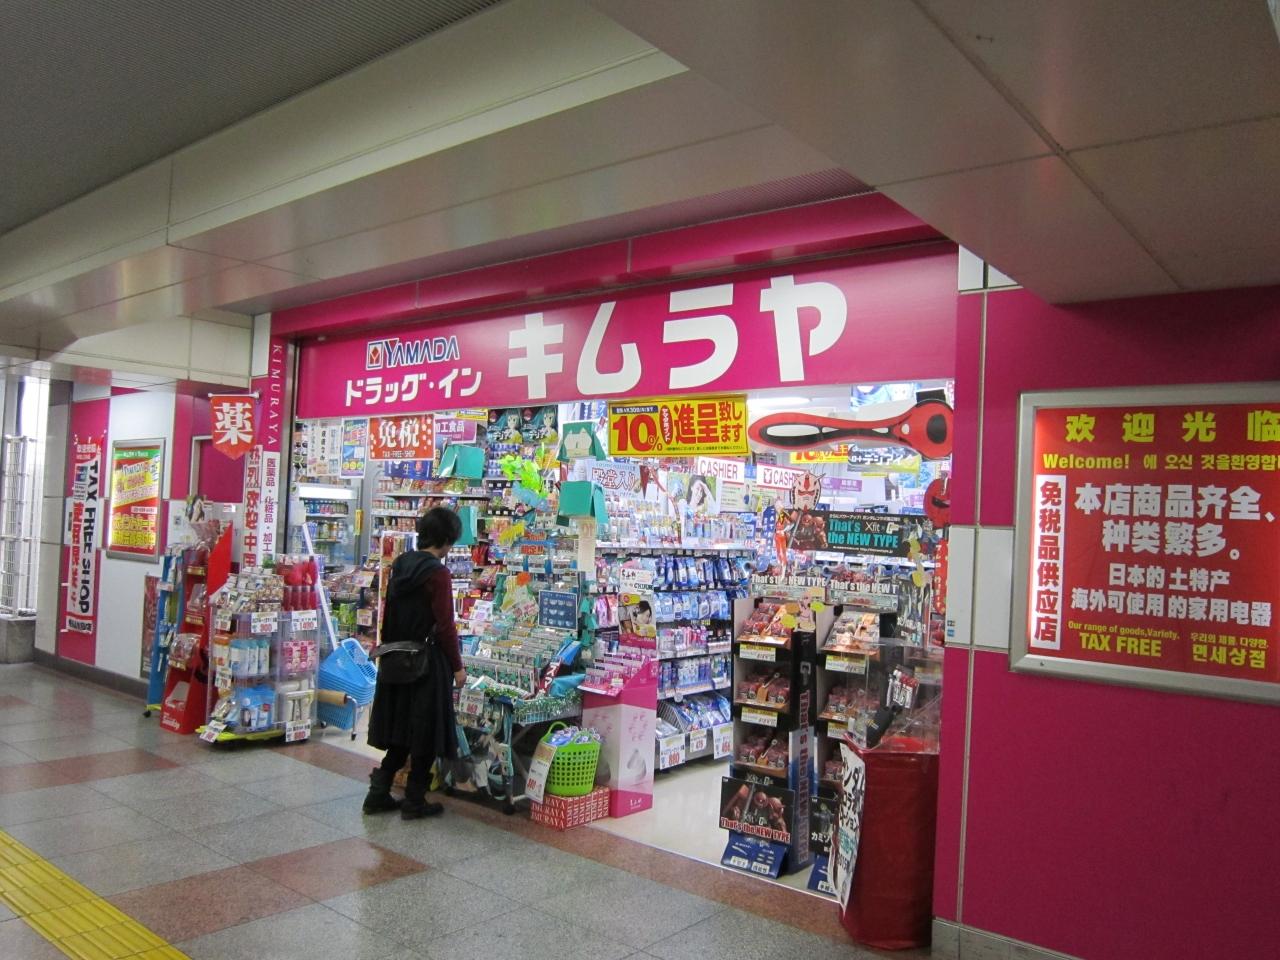 スギ薬局 神田駅東口店(東京都千代田区鍛冶町) | 薬 …